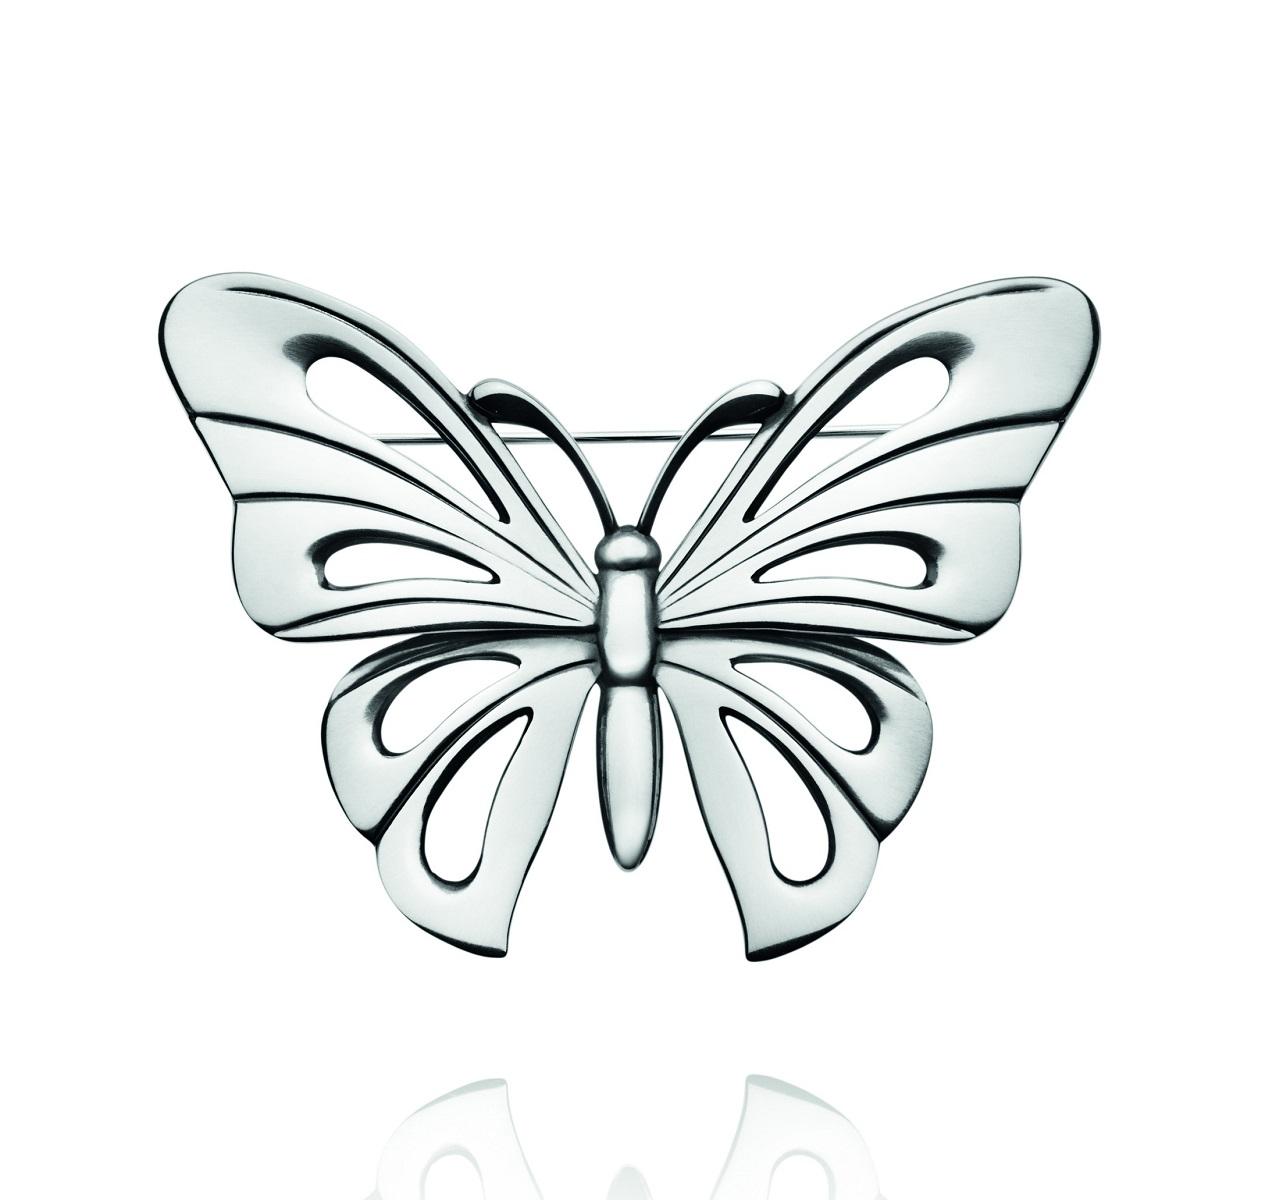 georg jensen silver butterfly brooch